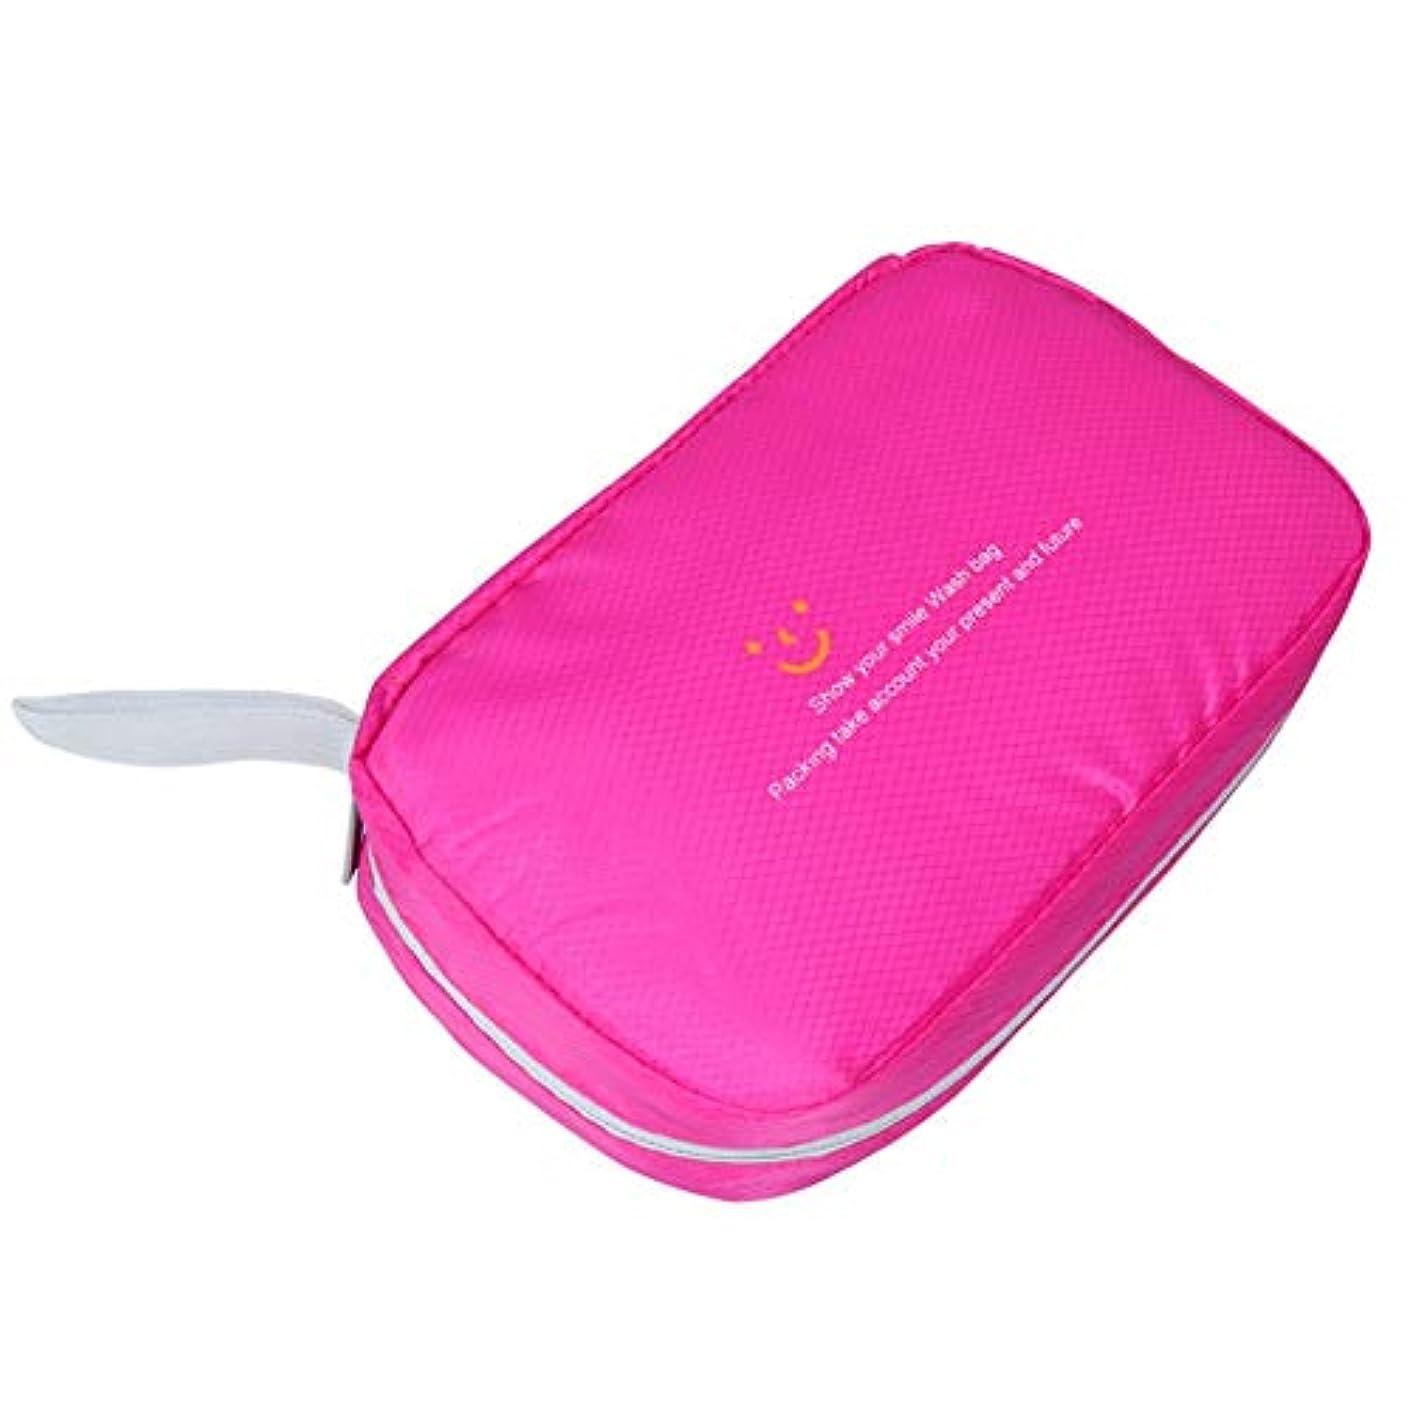 汚いドロー国特大スペース収納ビューティーボックス 美の構造のためそしてジッパーおよび折る皿が付いている女の子の女性旅行そして毎日の貯蔵のための高容量の携帯用化粧品袋 化粧品化粧台 (色 : ピンク)